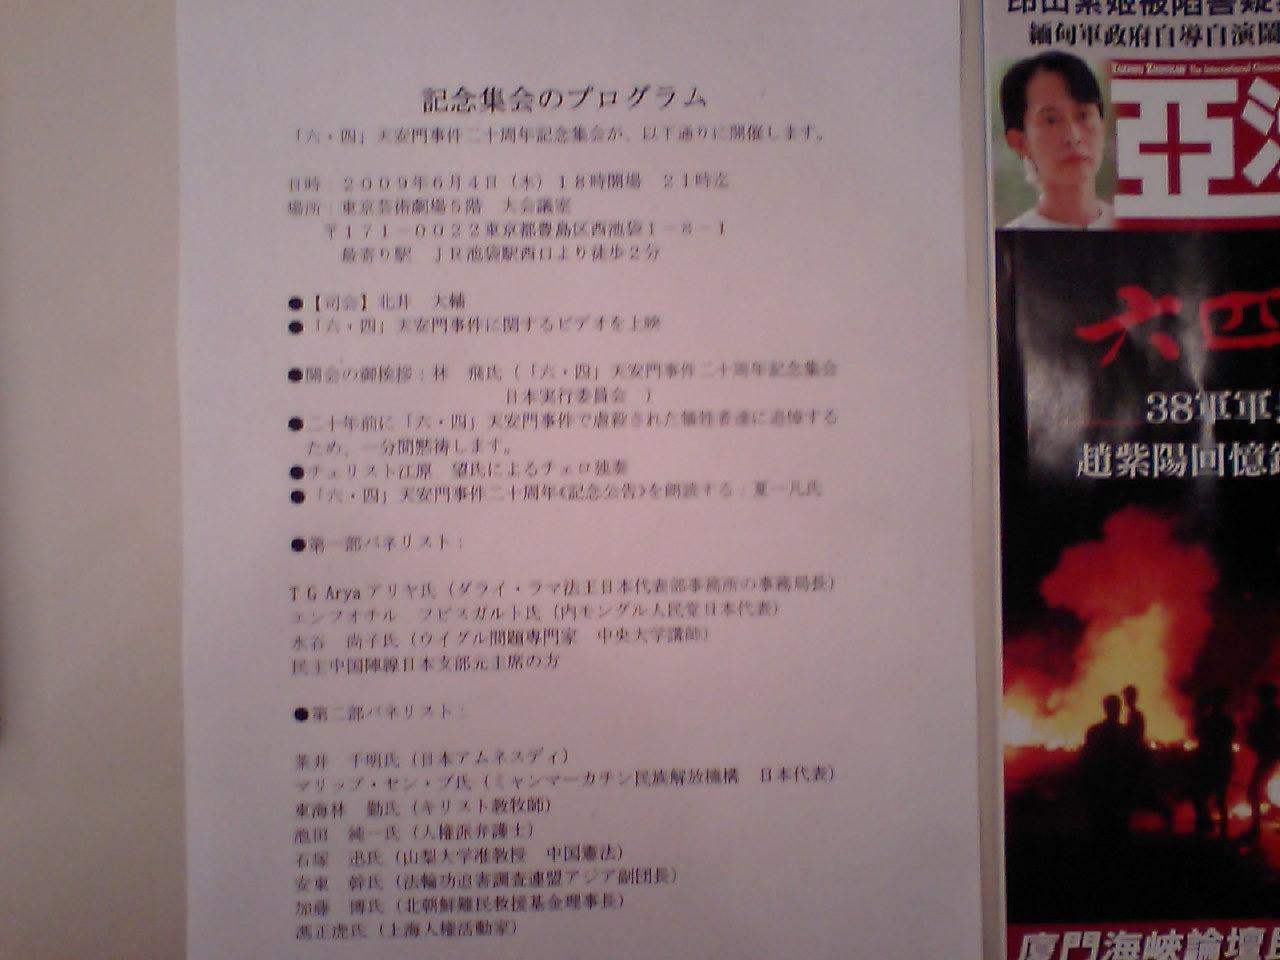 天安門事件20周年追悼集会プログラム 池袋の東京芸術劇場にて_d0027795_2237034.jpg